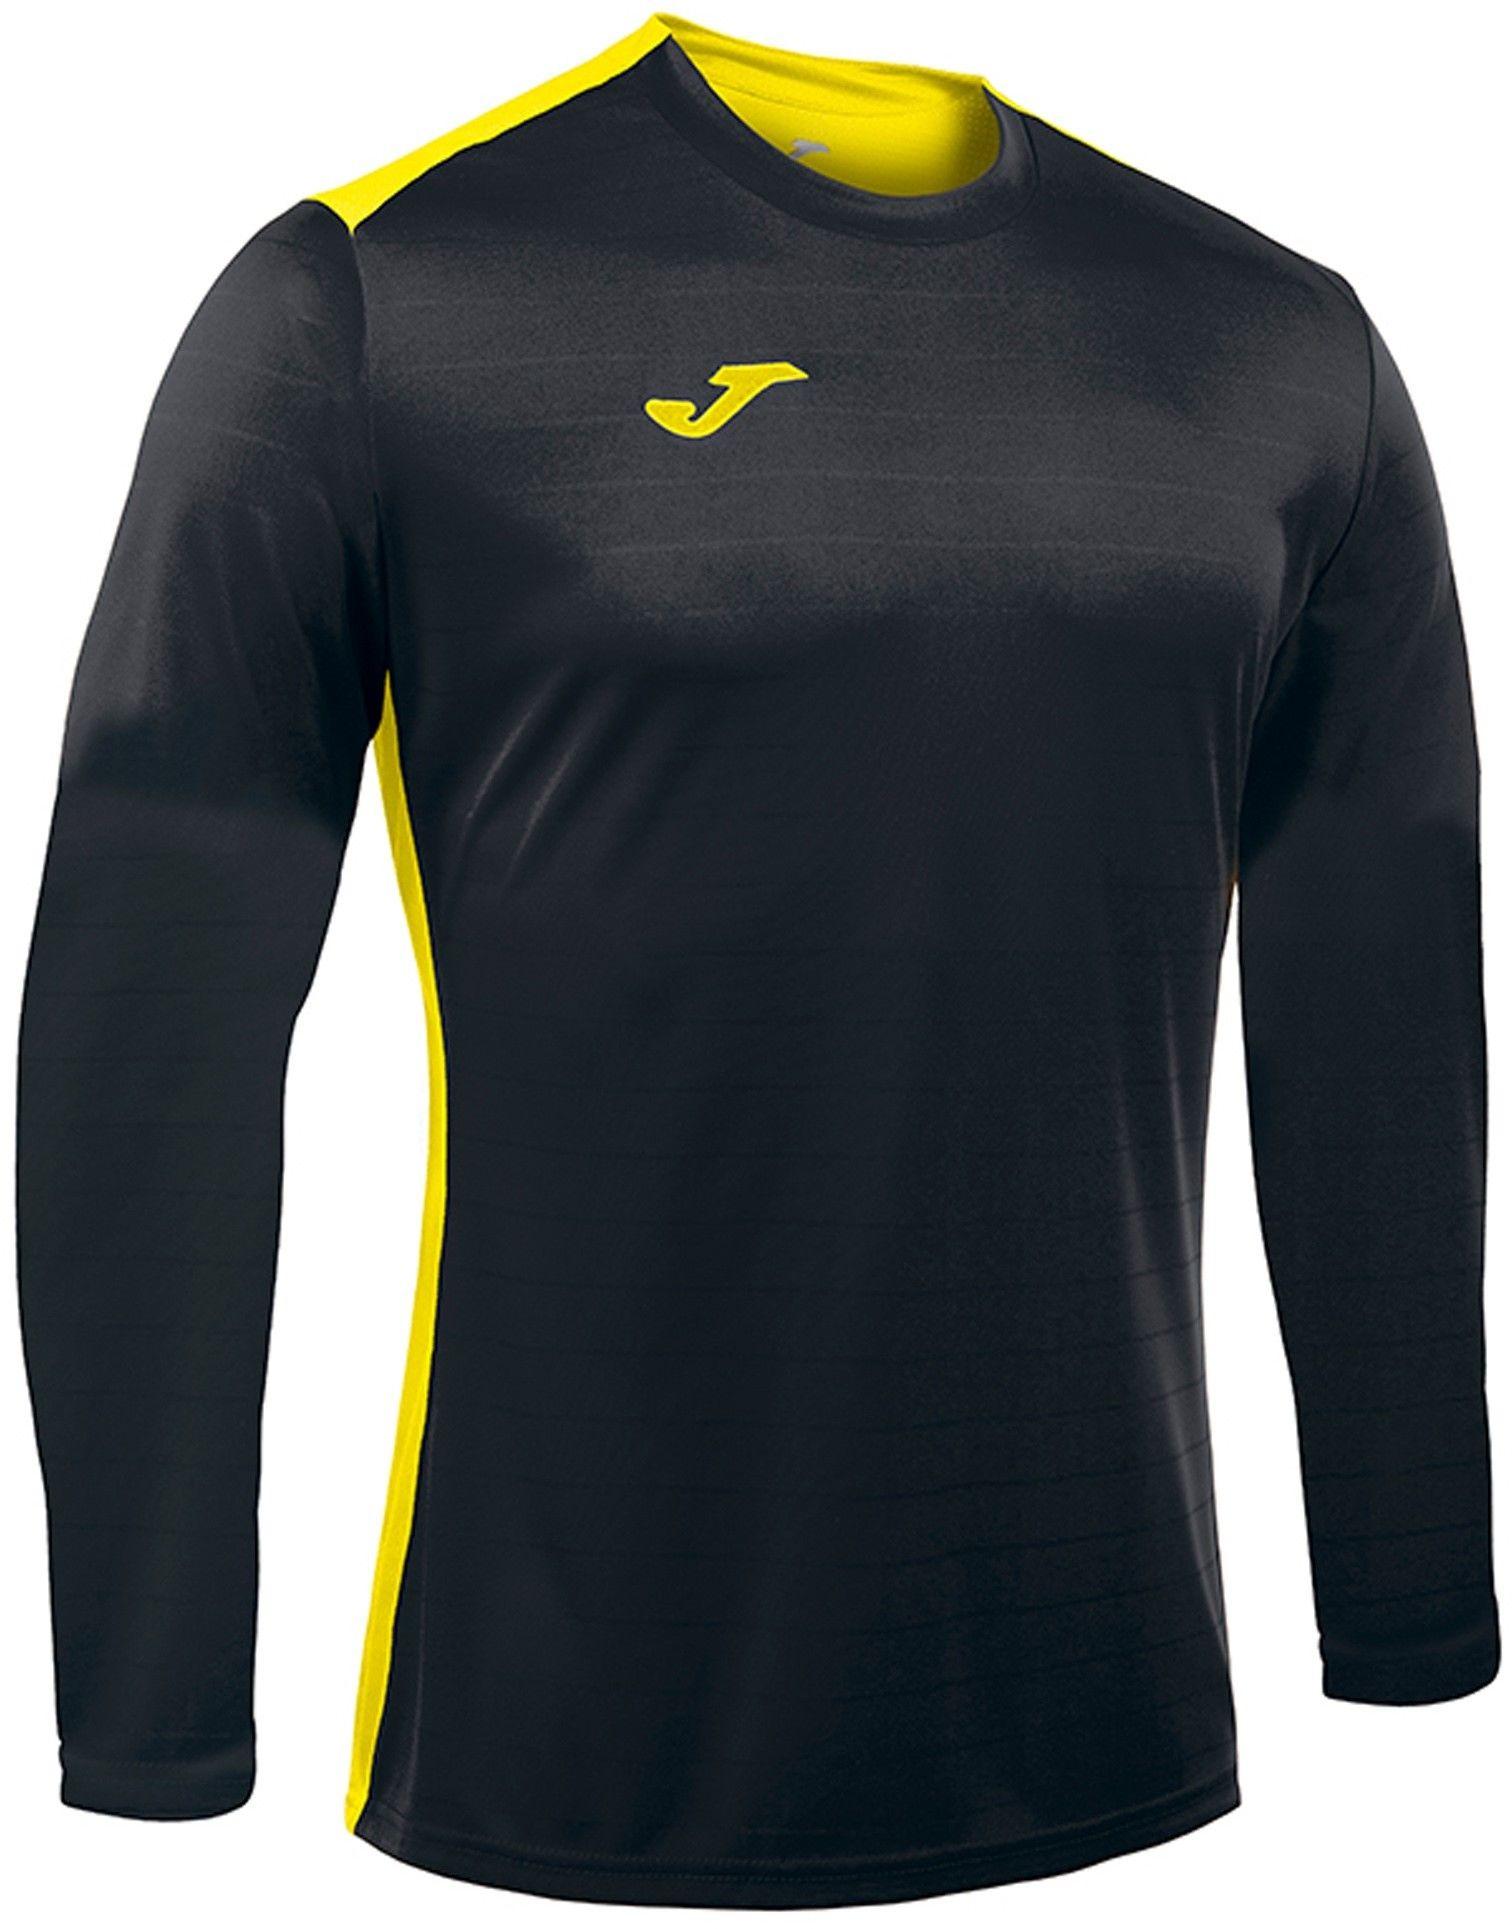 Koszulka Joma Campus black/yellow (10 szt.)